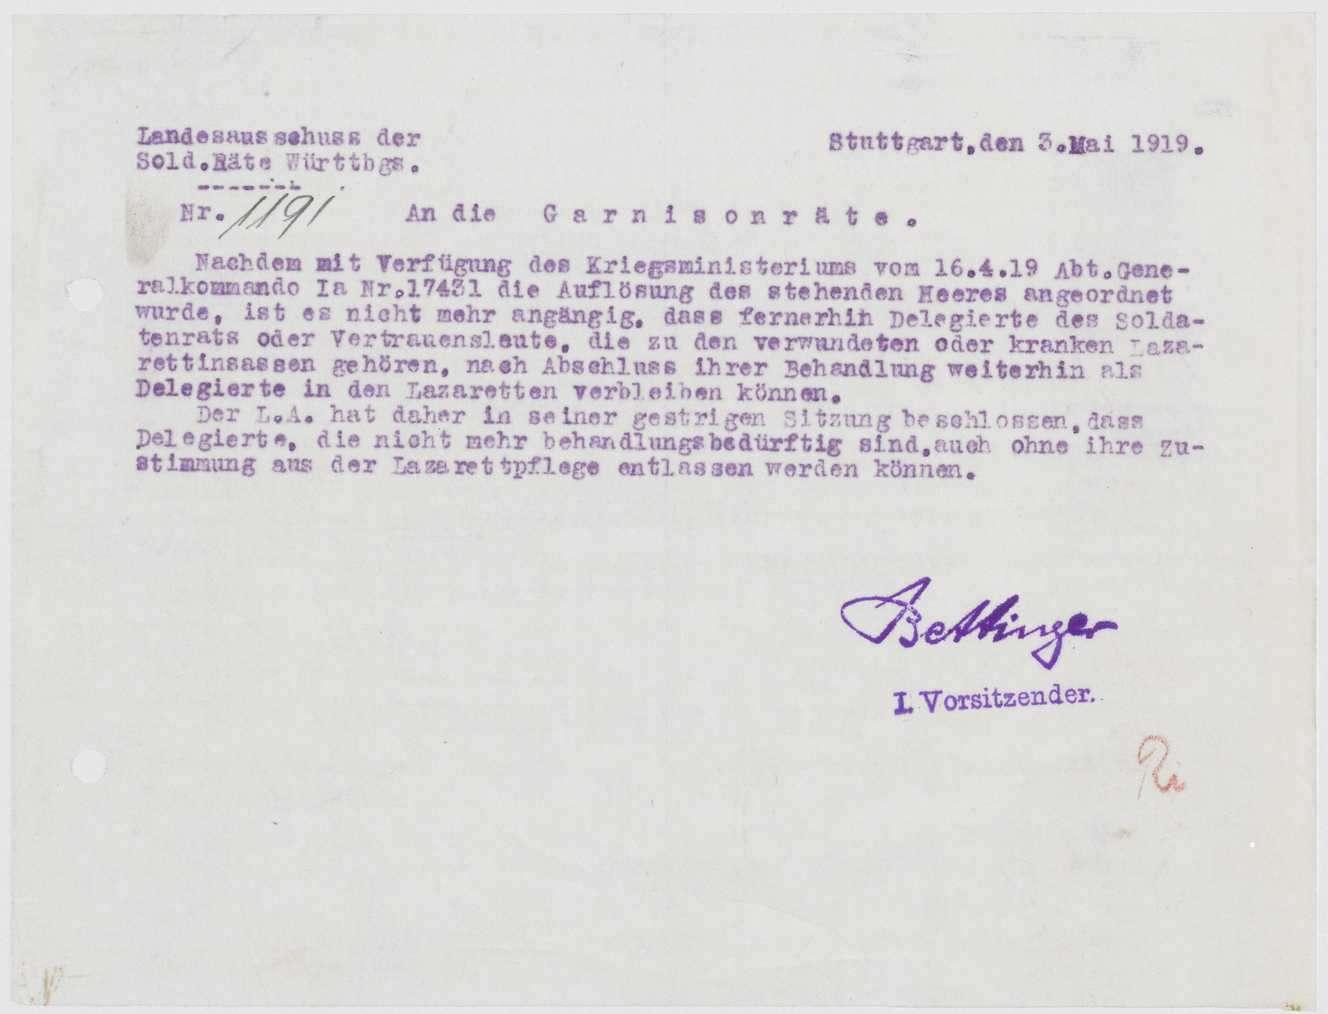 Aufhebung der Soldatenräte, Bemühungen des Landesausschusses der Soldatenräte um die Versorgung und Verwendung der einzelnen Mitglieder, Bild 1